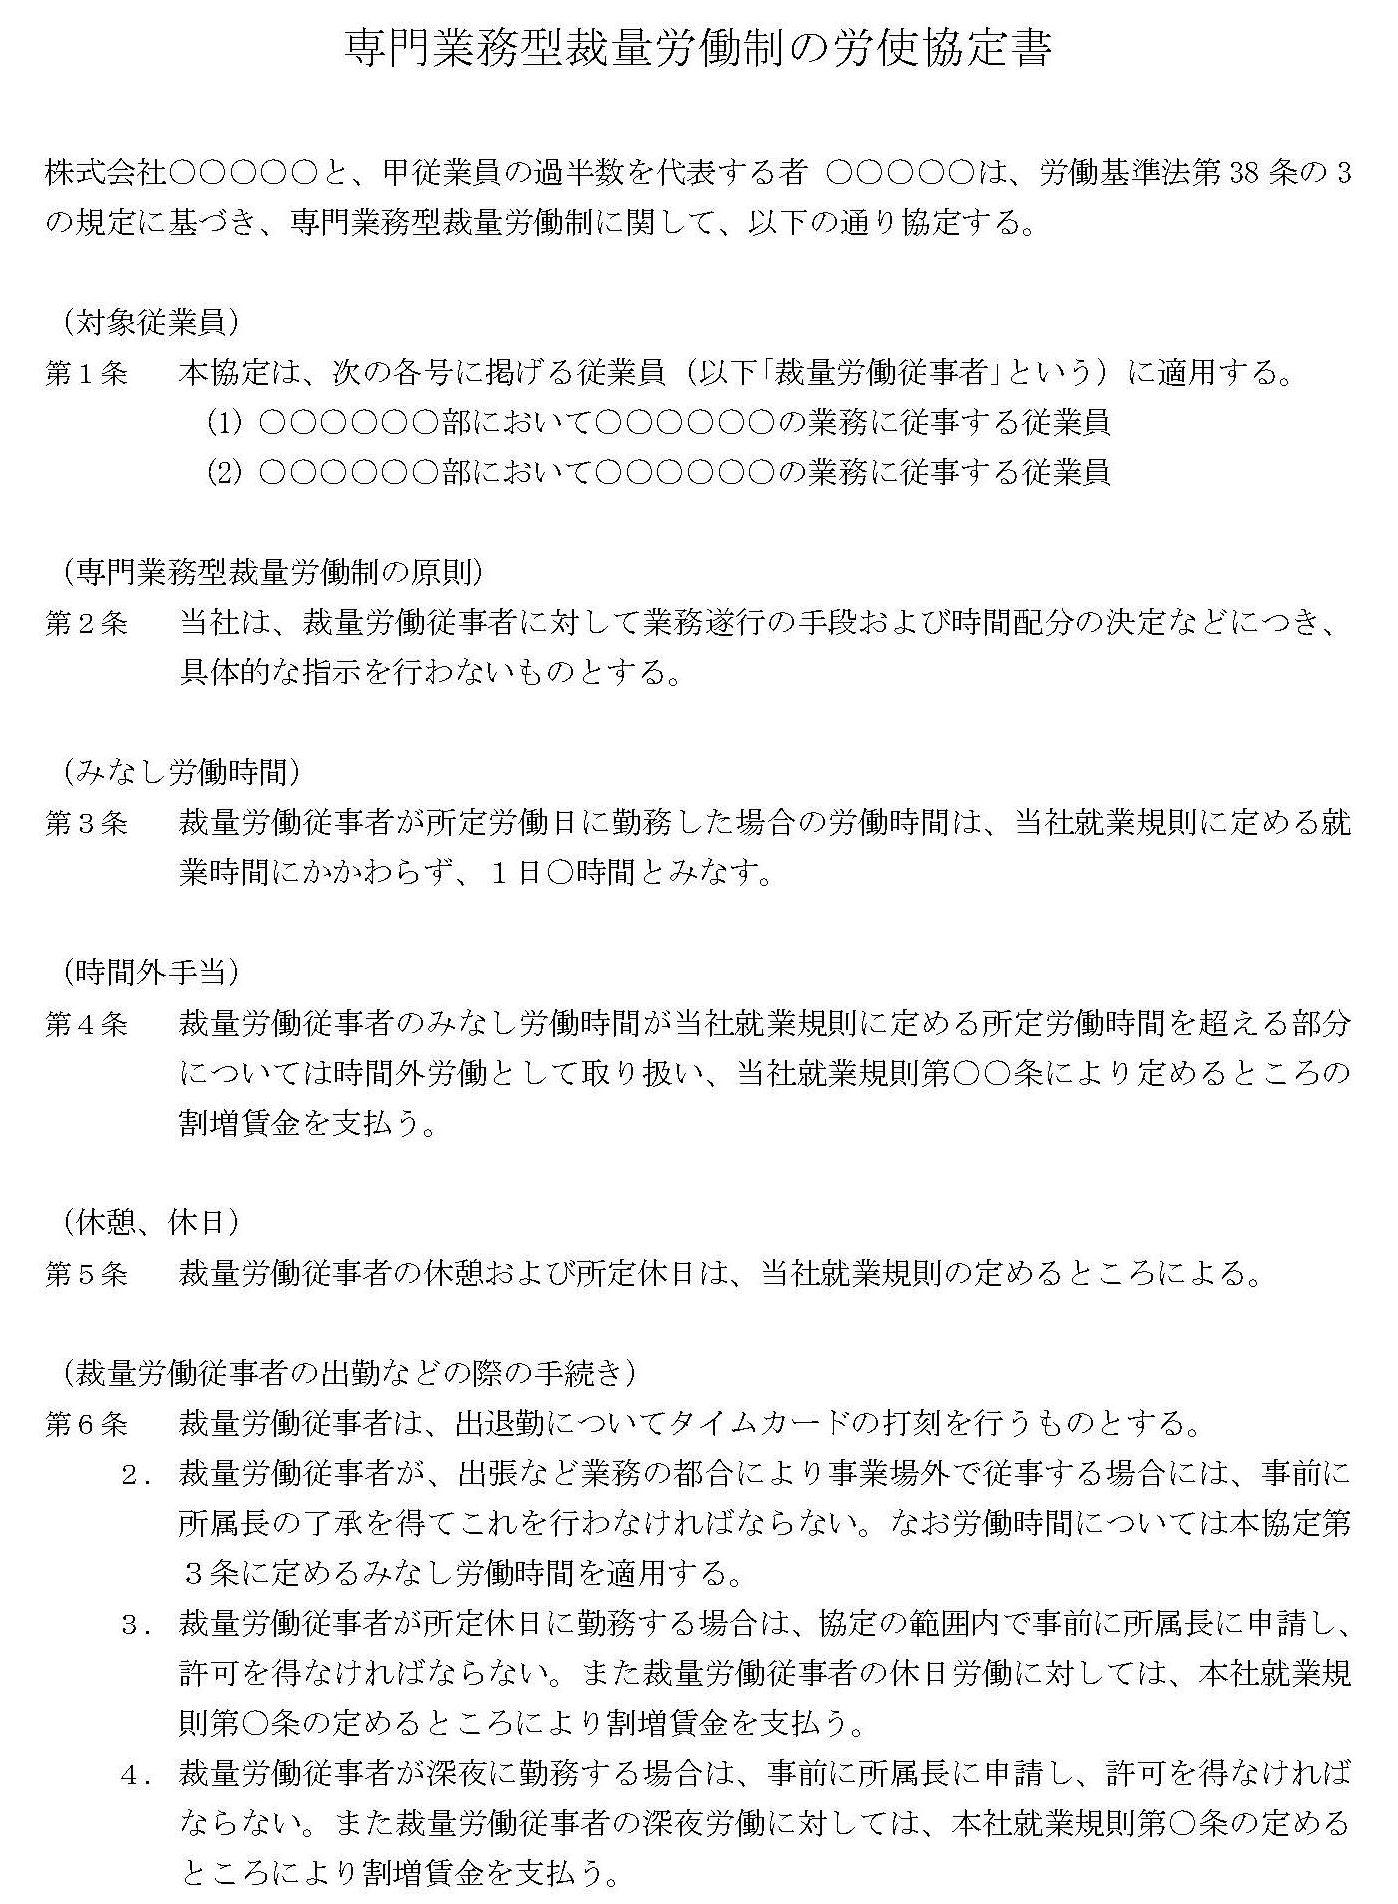 専門業務型裁量労働制の労使協定書